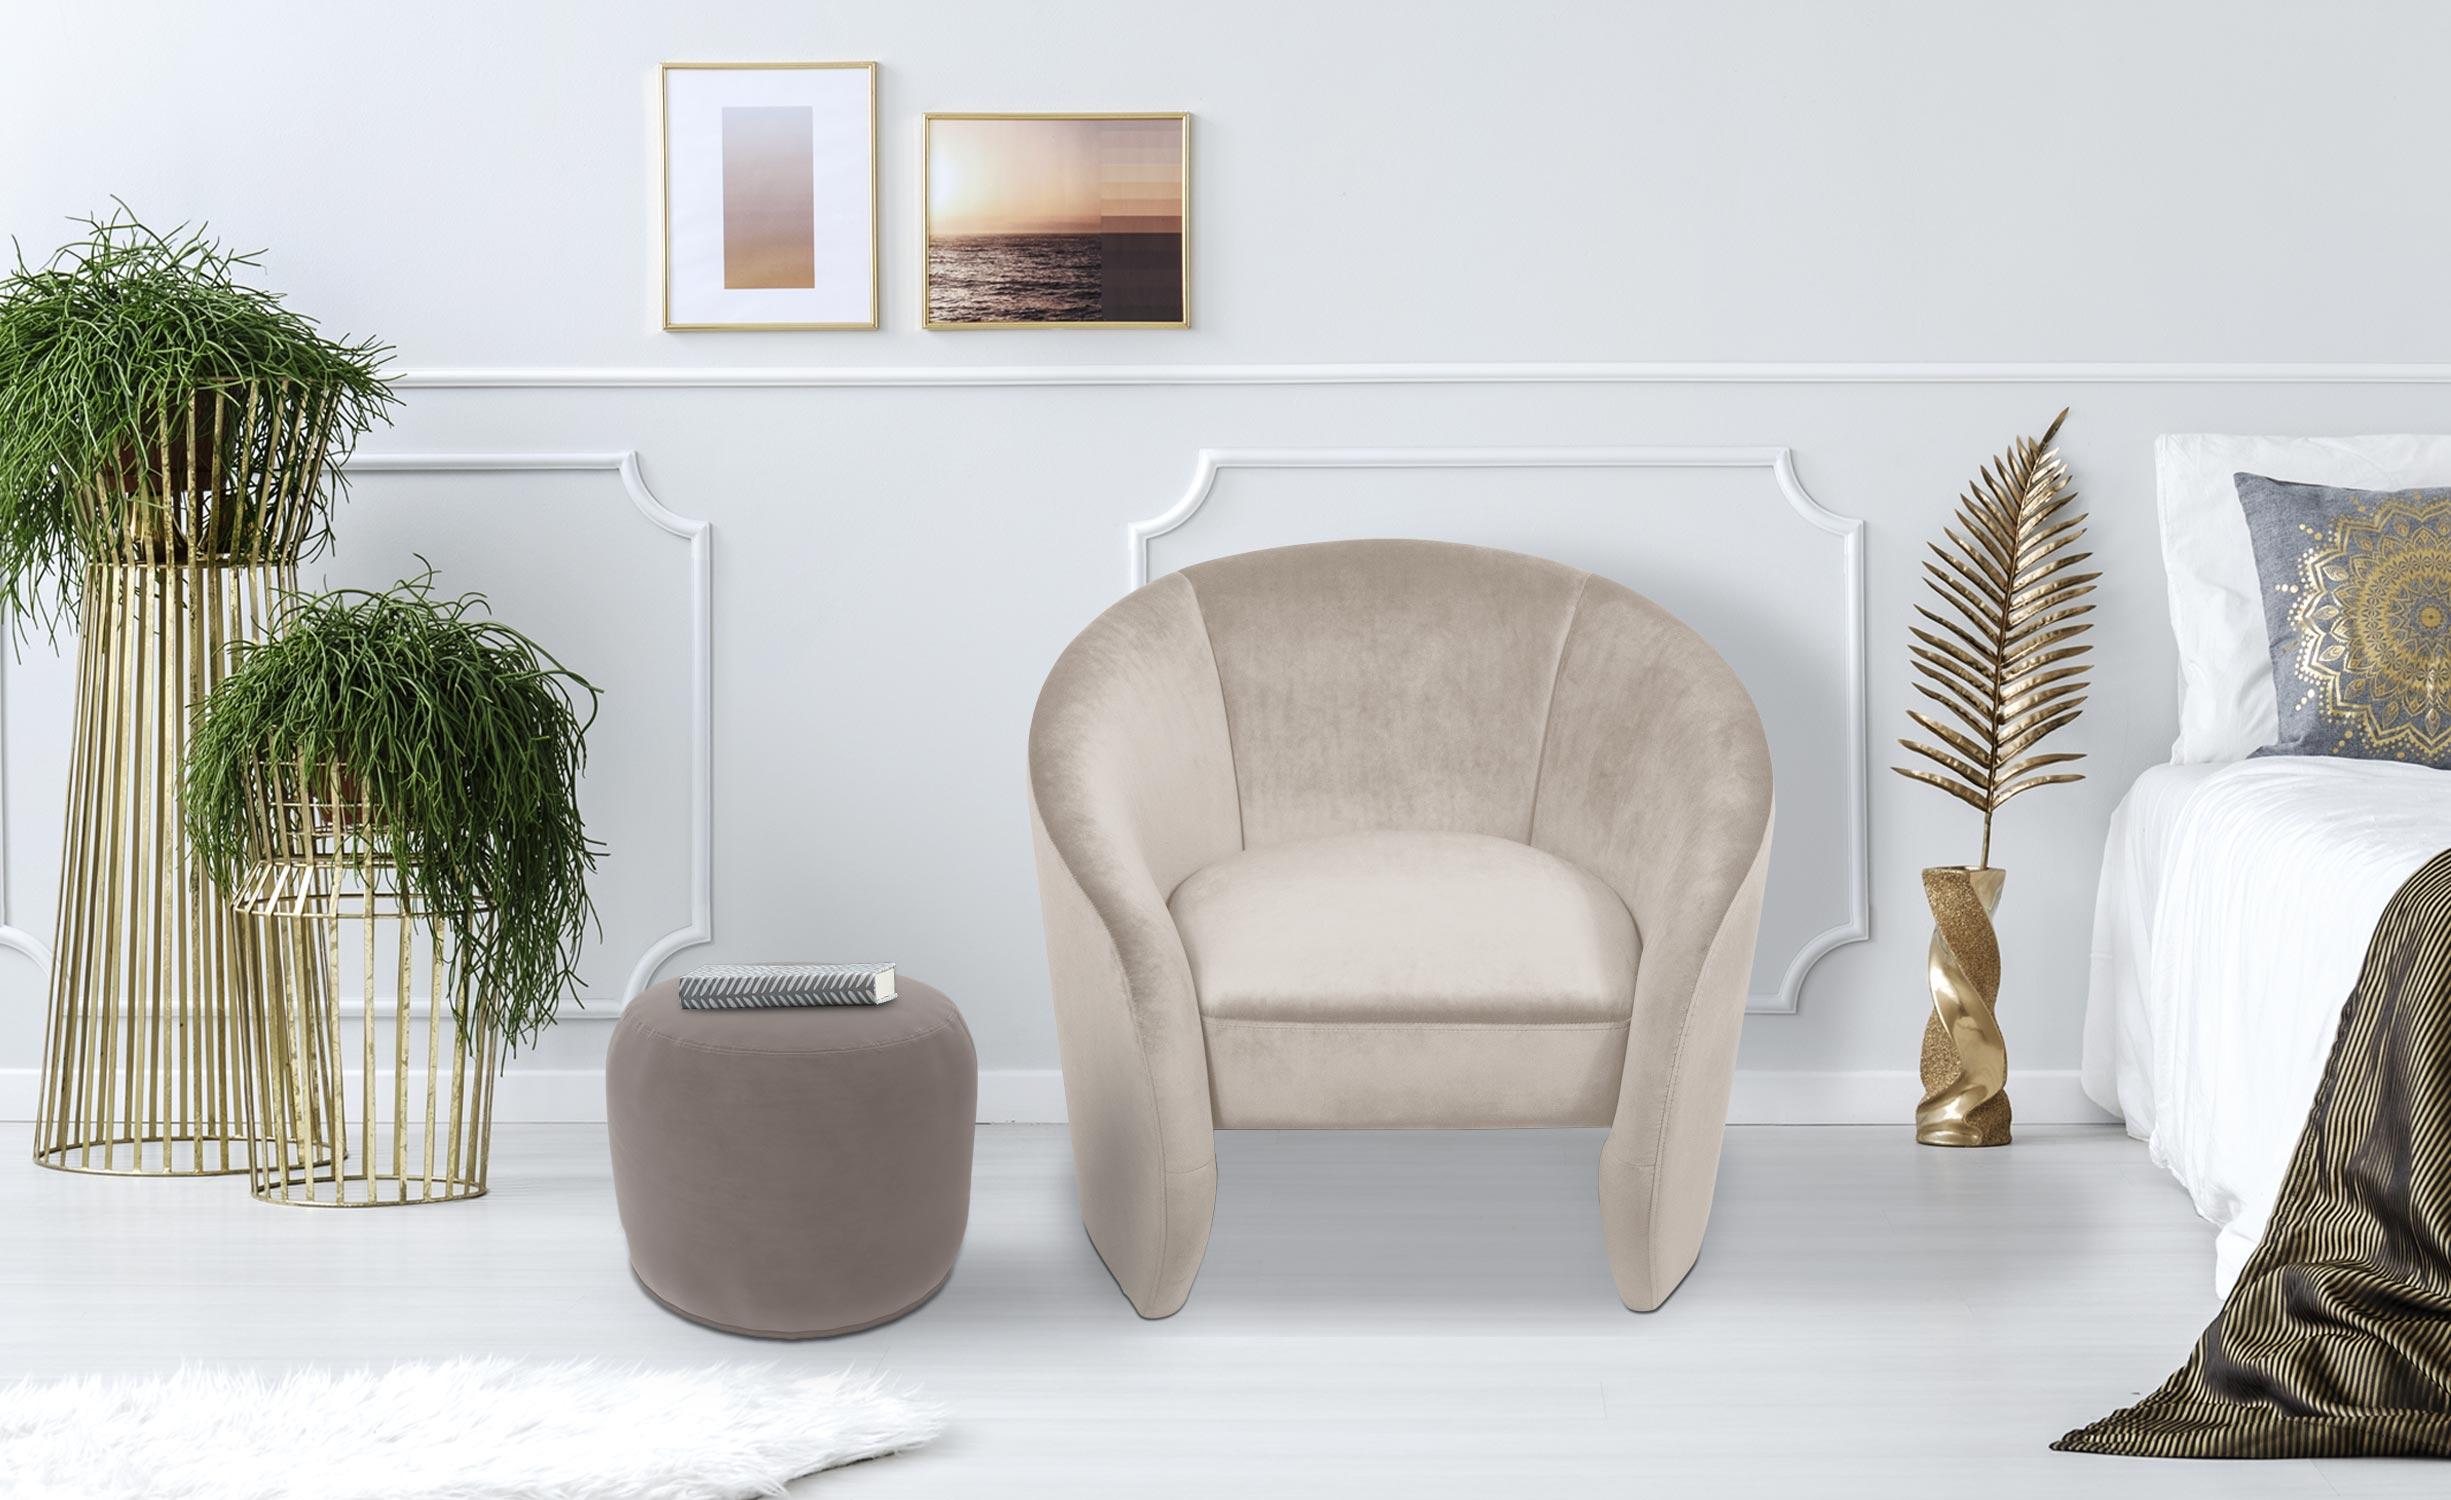 Adamante Runder Sessel mit Samtbezug Beige